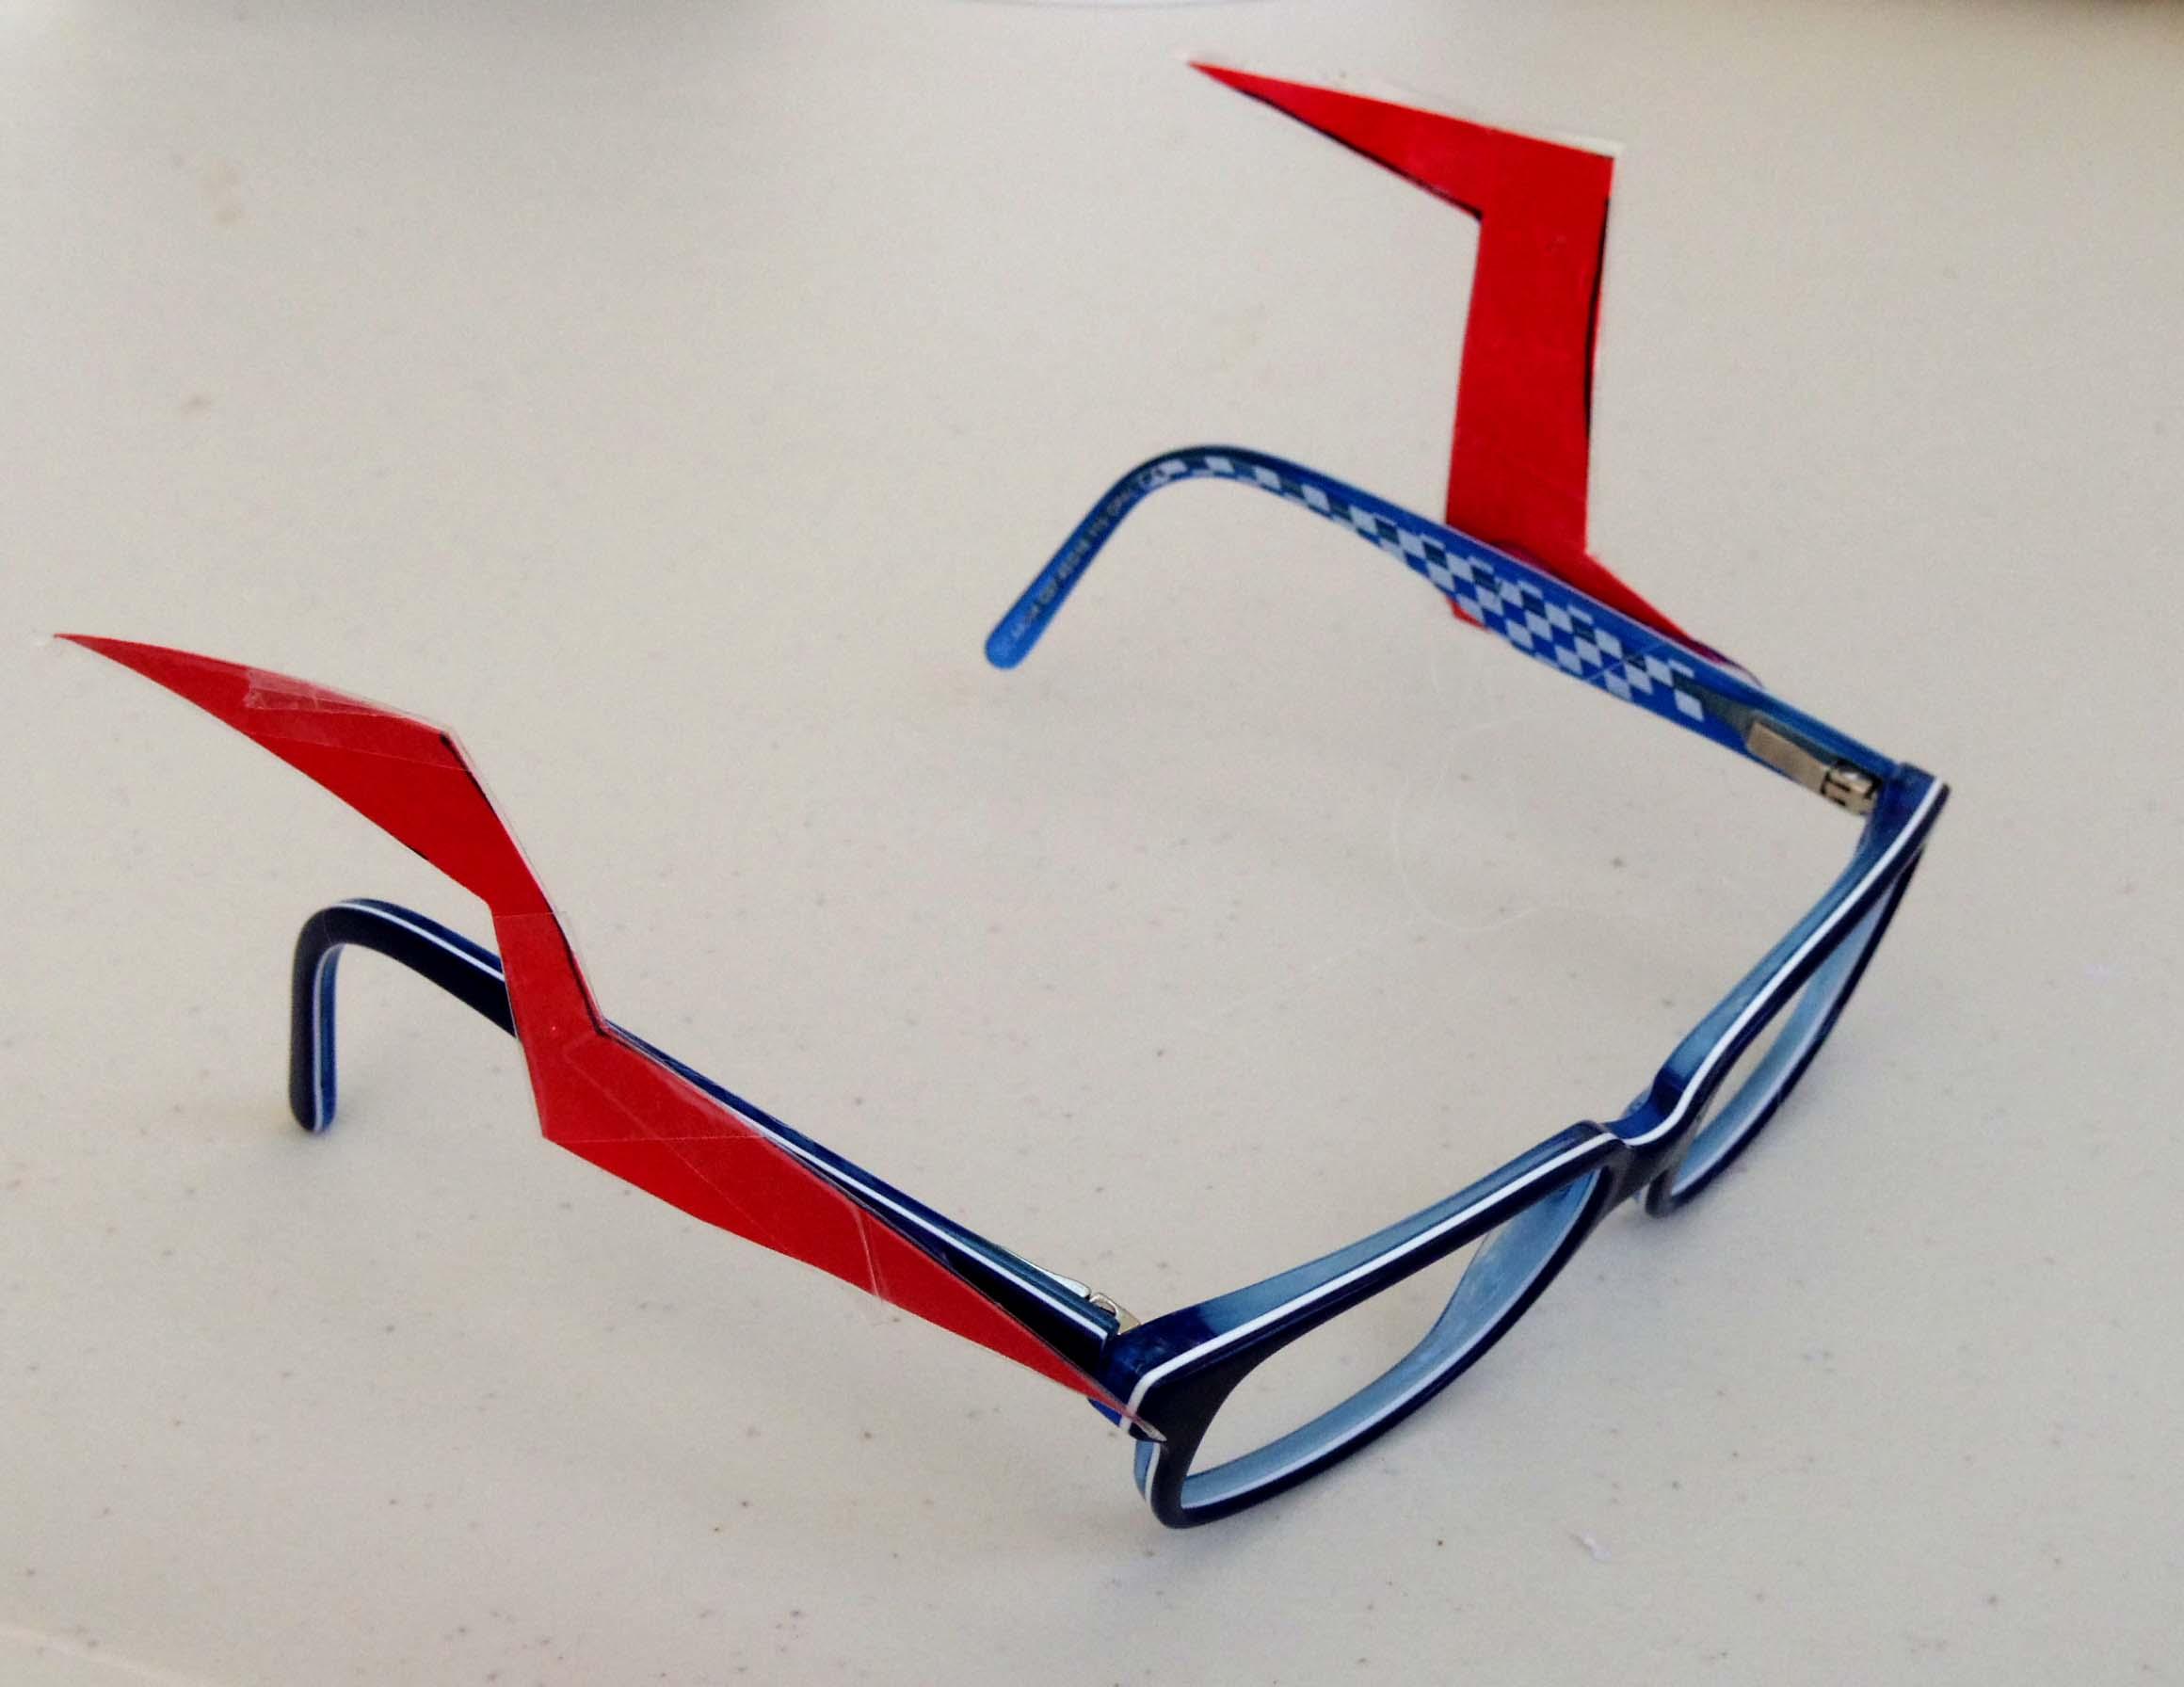 lunettes customiser d tournement d objet perception visuelle regarder transformer marina. Black Bedroom Furniture Sets. Home Design Ideas